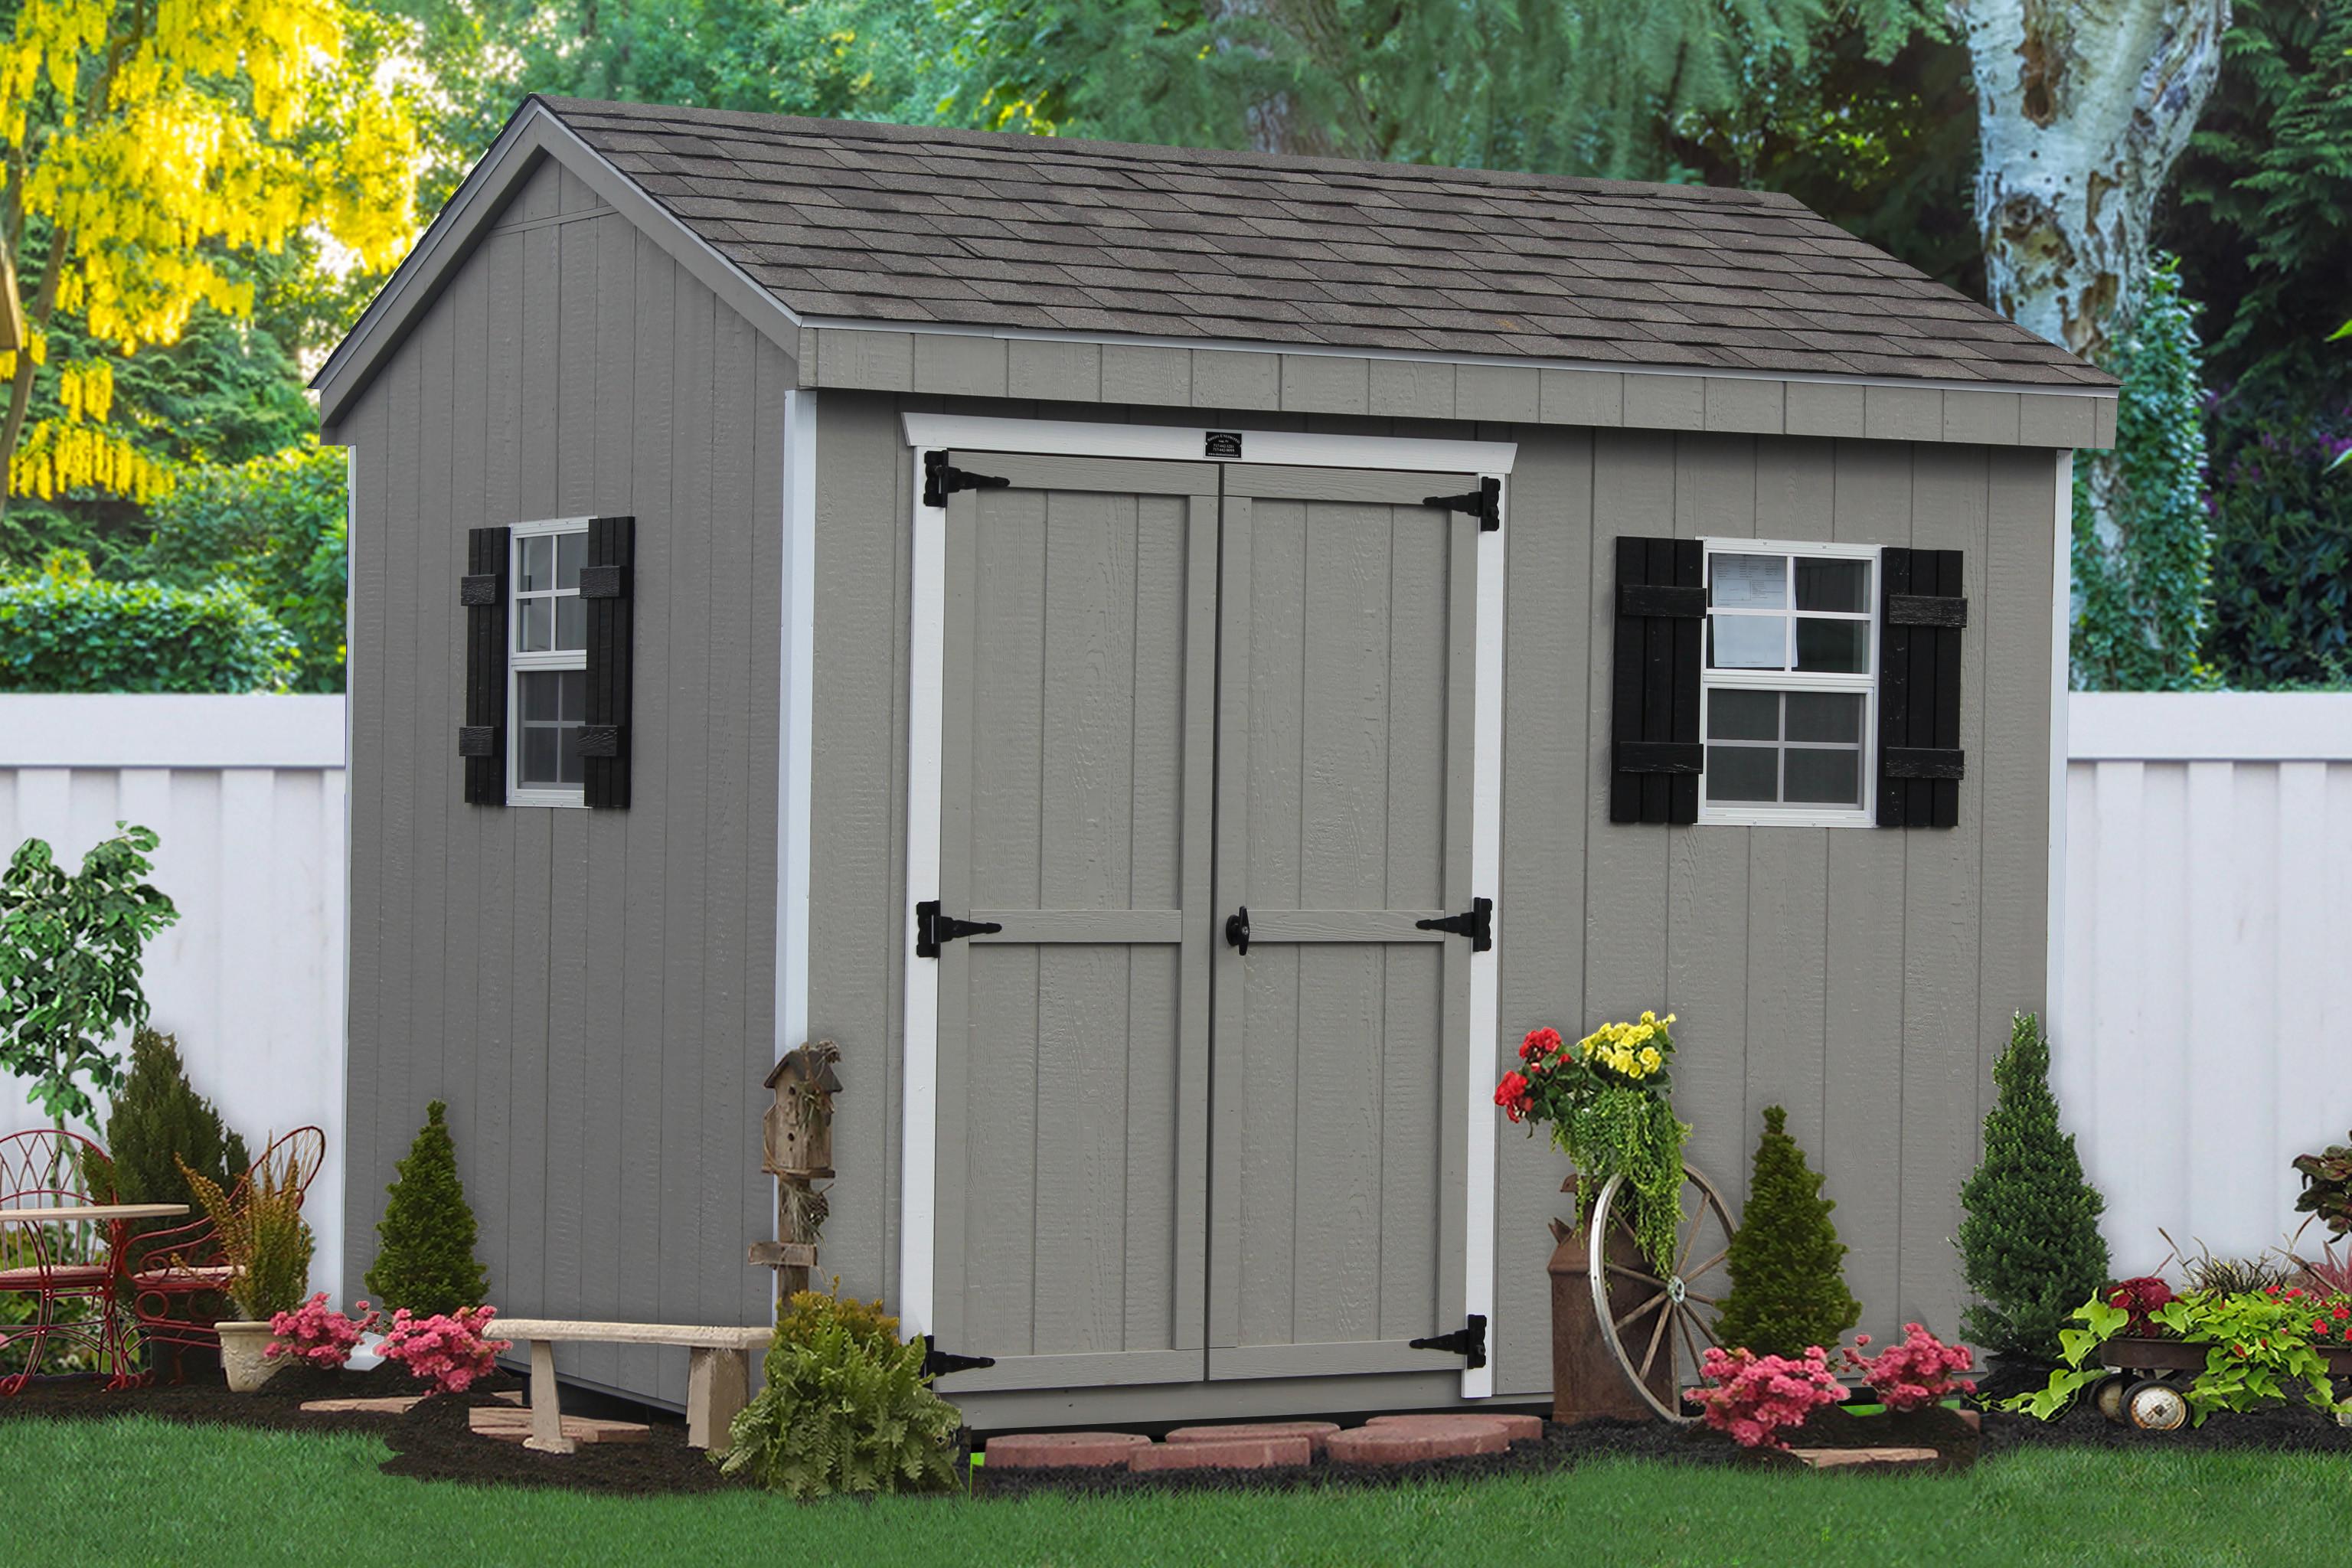 DIY Storage Shed Kits  Buy DIY Storage Shed Kits and Car Garage Kits Amish Built